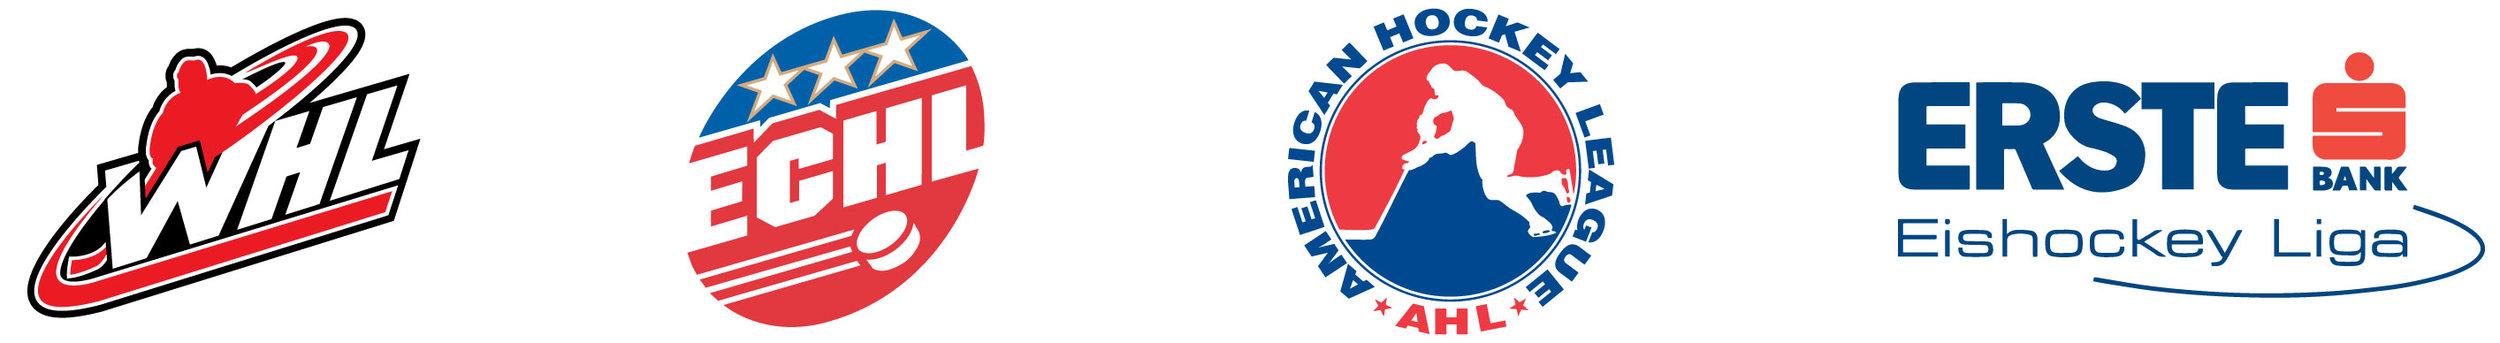 League-Logo-Graphic-2.jpg